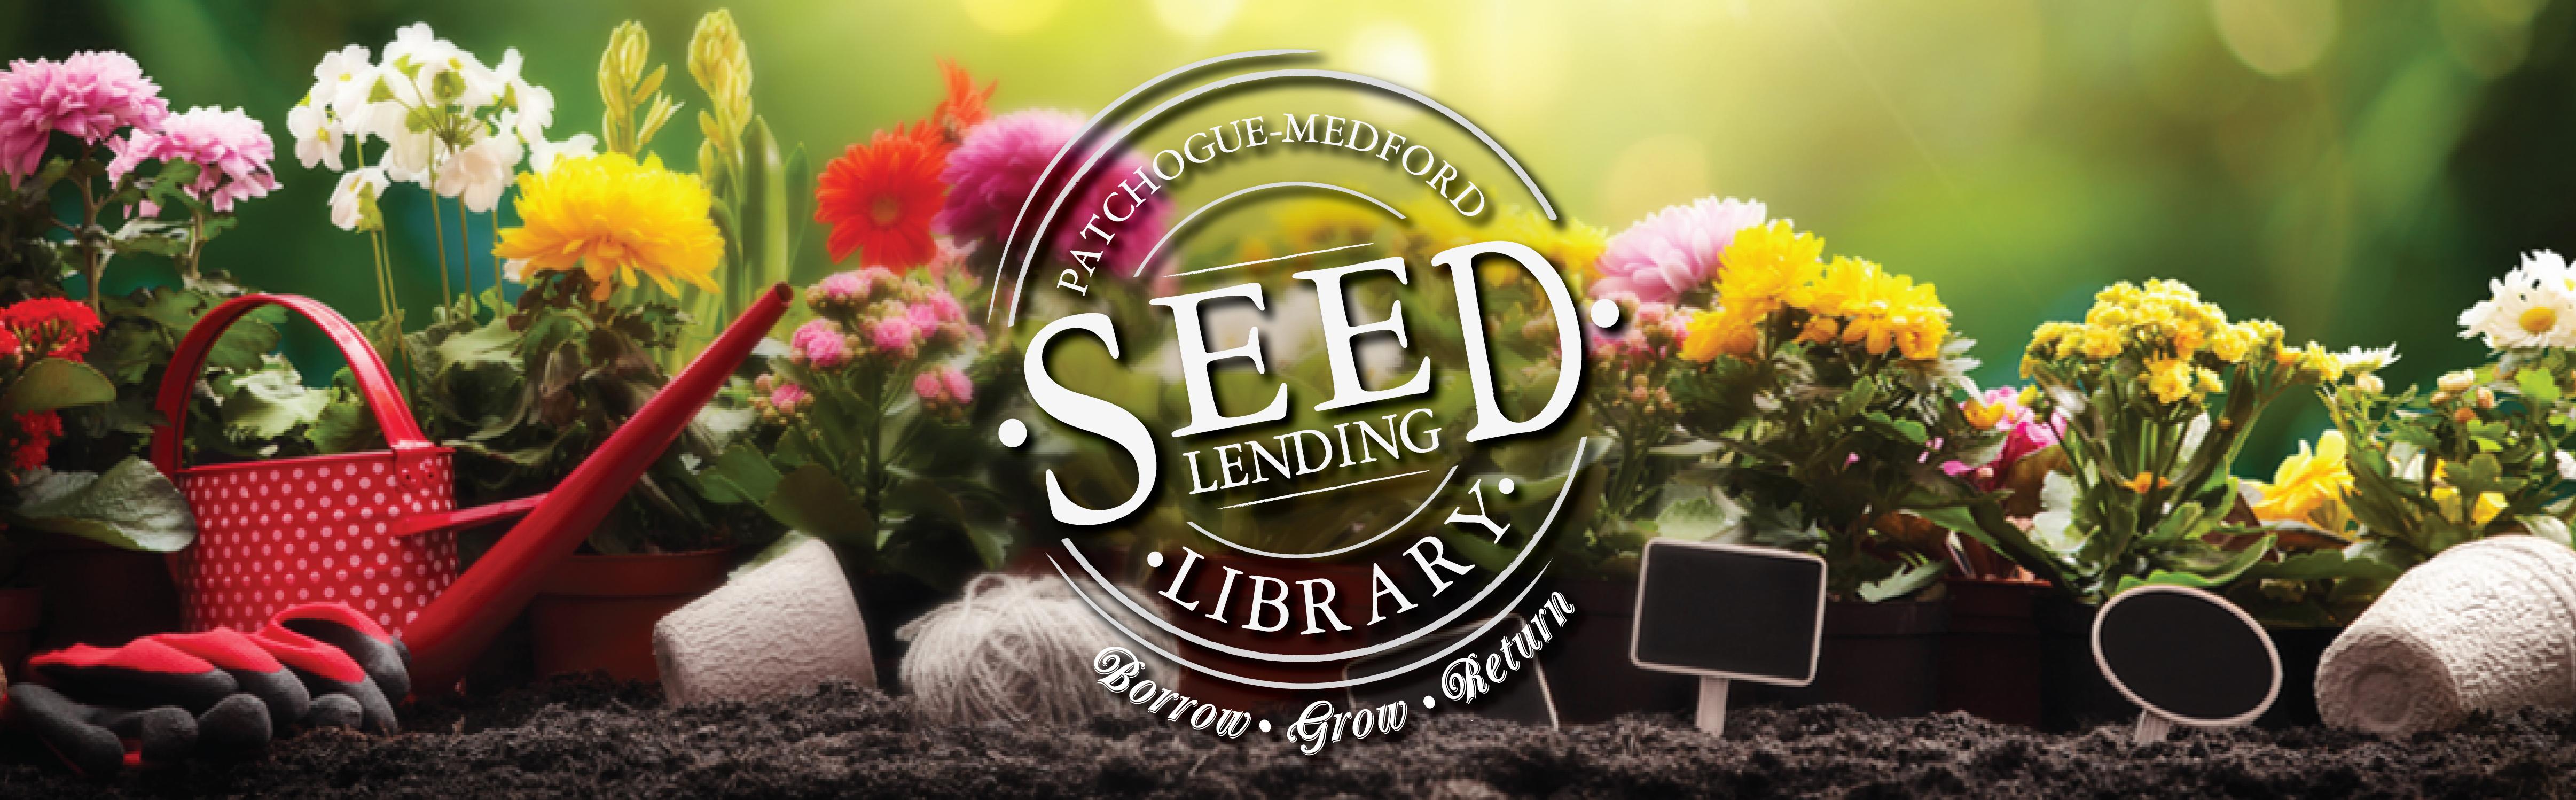 Biblioteca de préstamo de semillas de Patchogue-Medford